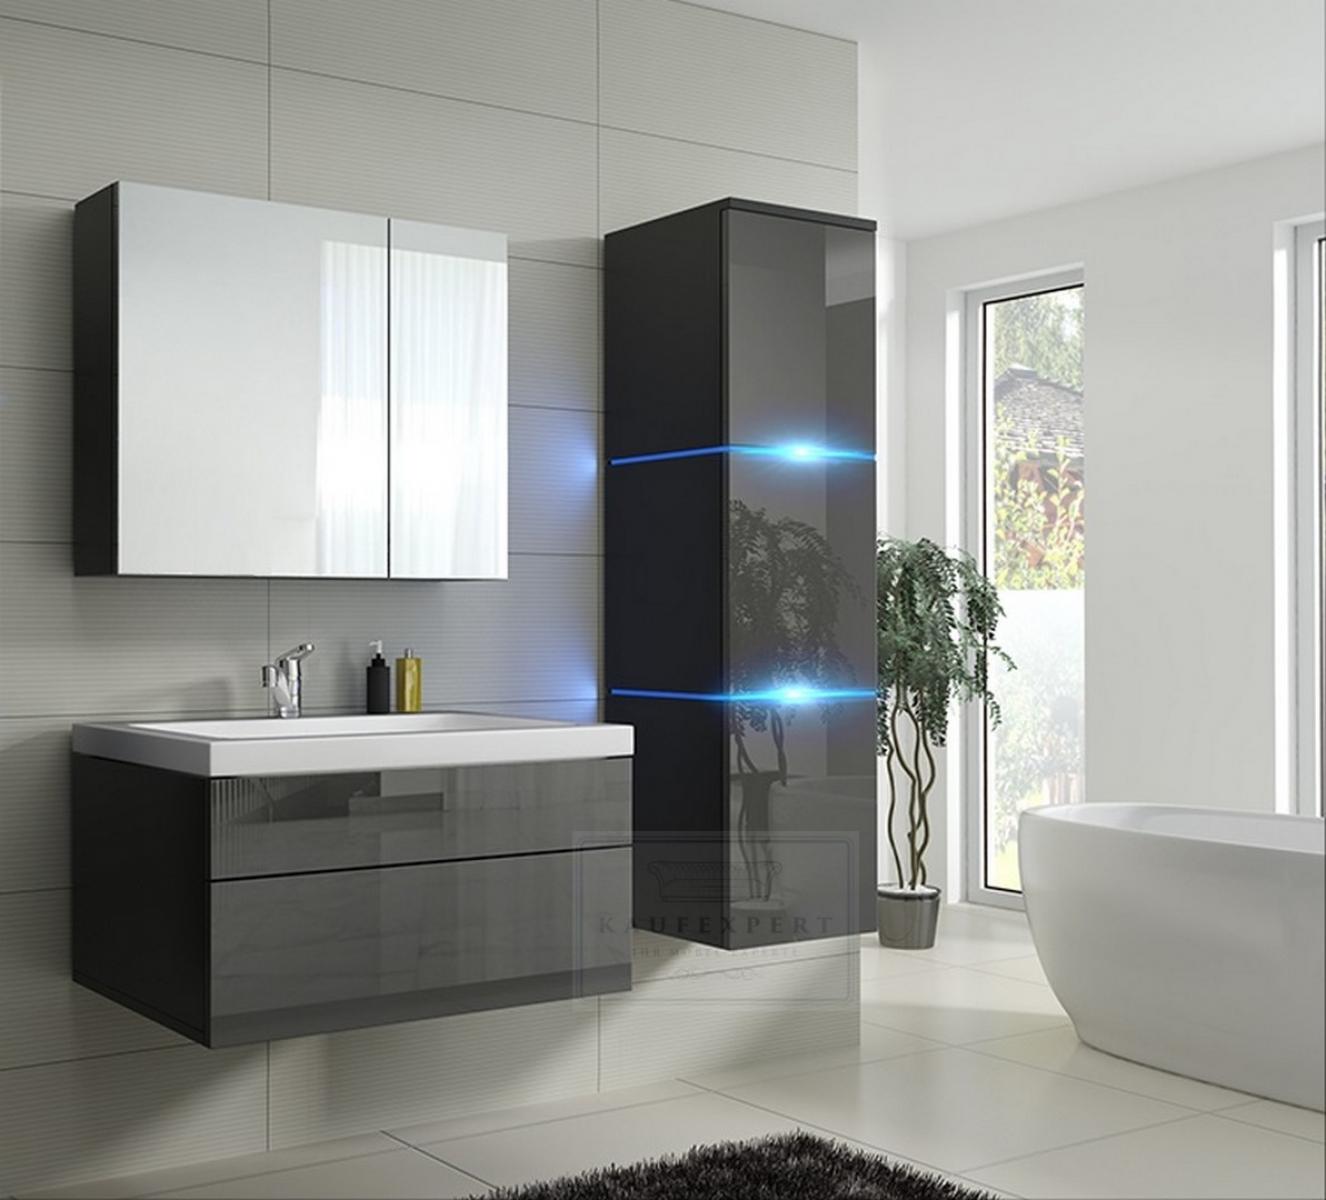 kaufexpert badm bel set lux 1 new grau hochglanz schwarz keramik waschbecken badezimmer led. Black Bedroom Furniture Sets. Home Design Ideas